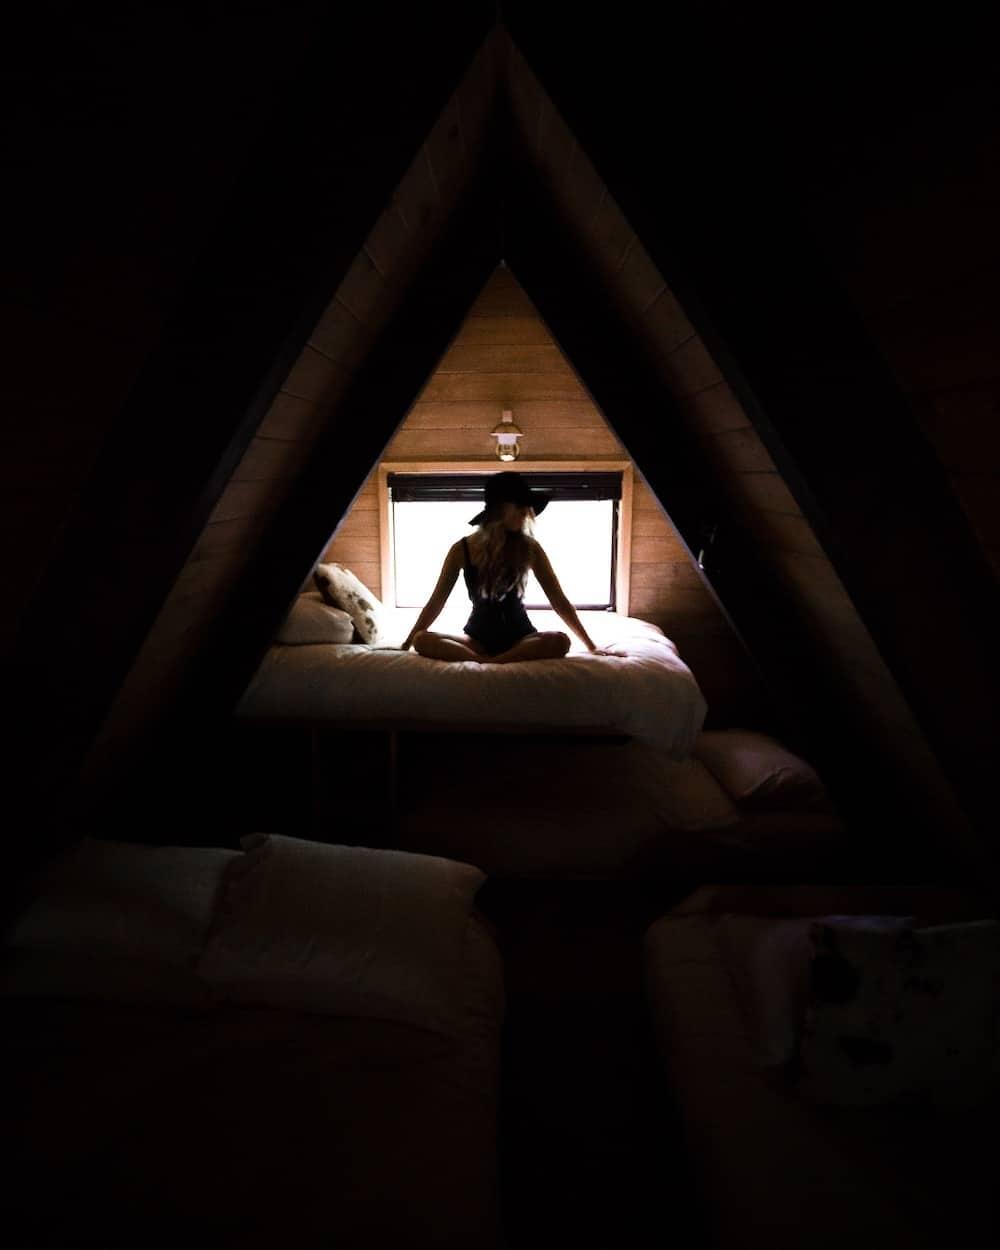 lofts tend